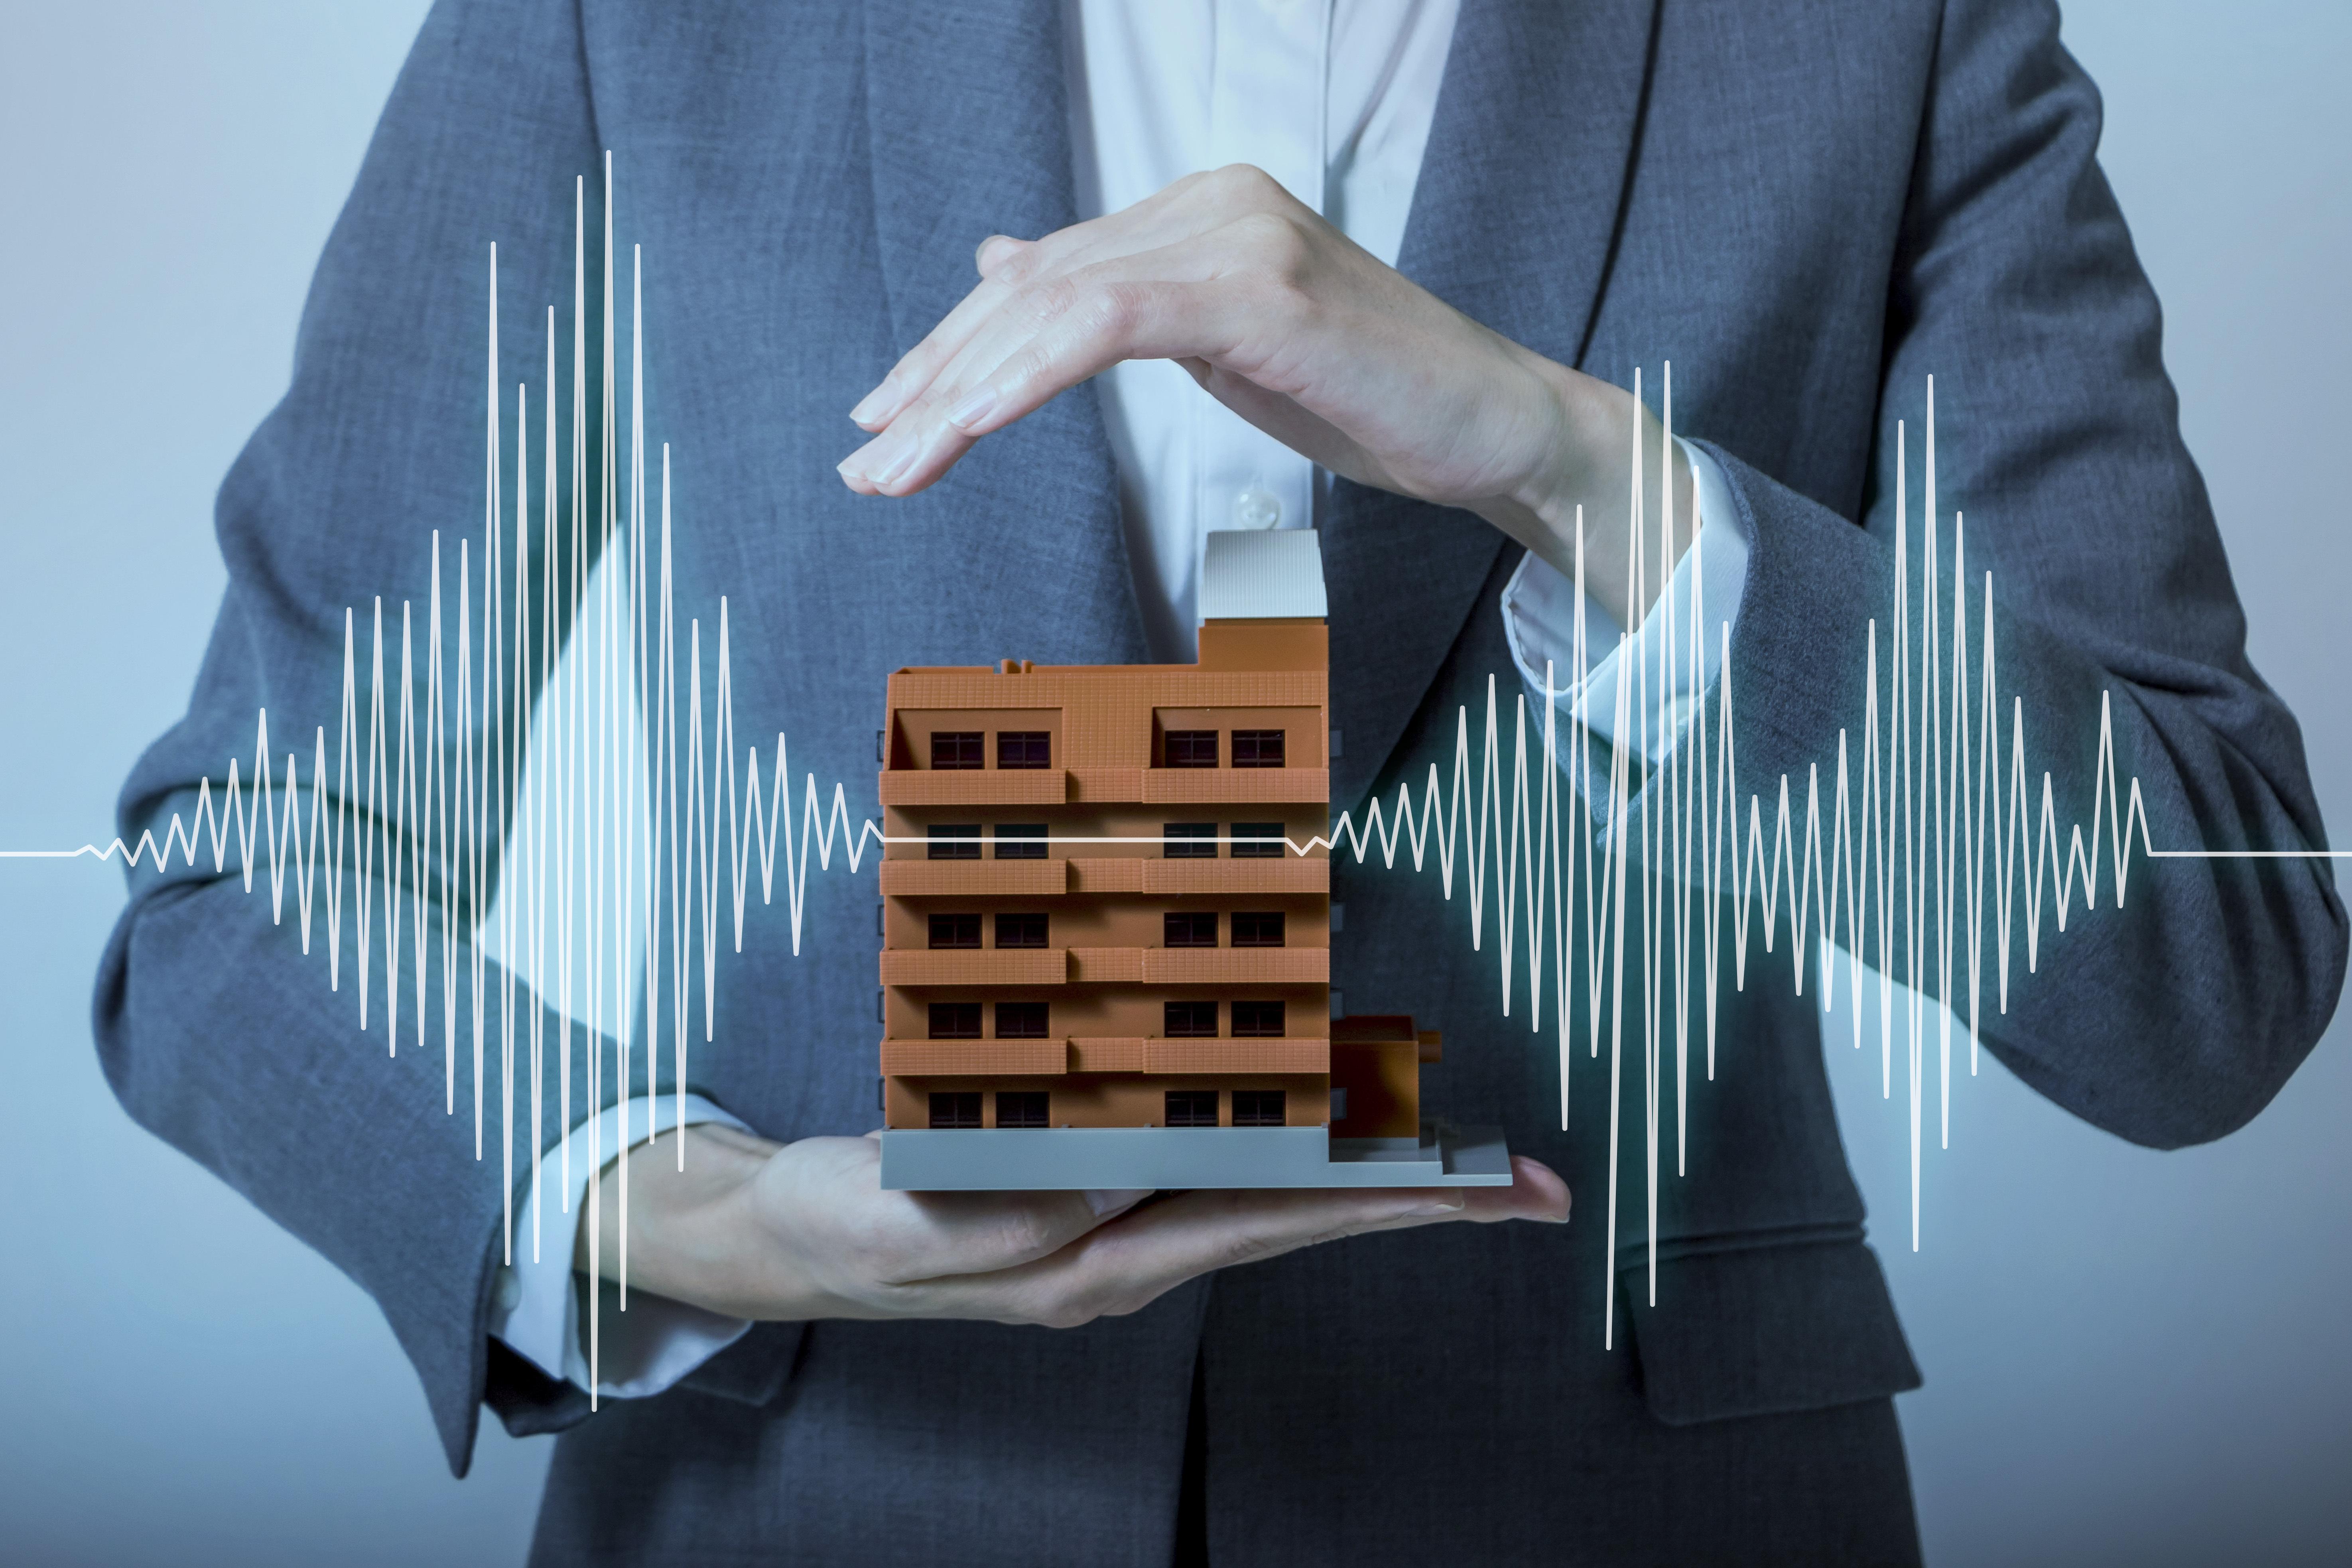 Seismograph through building